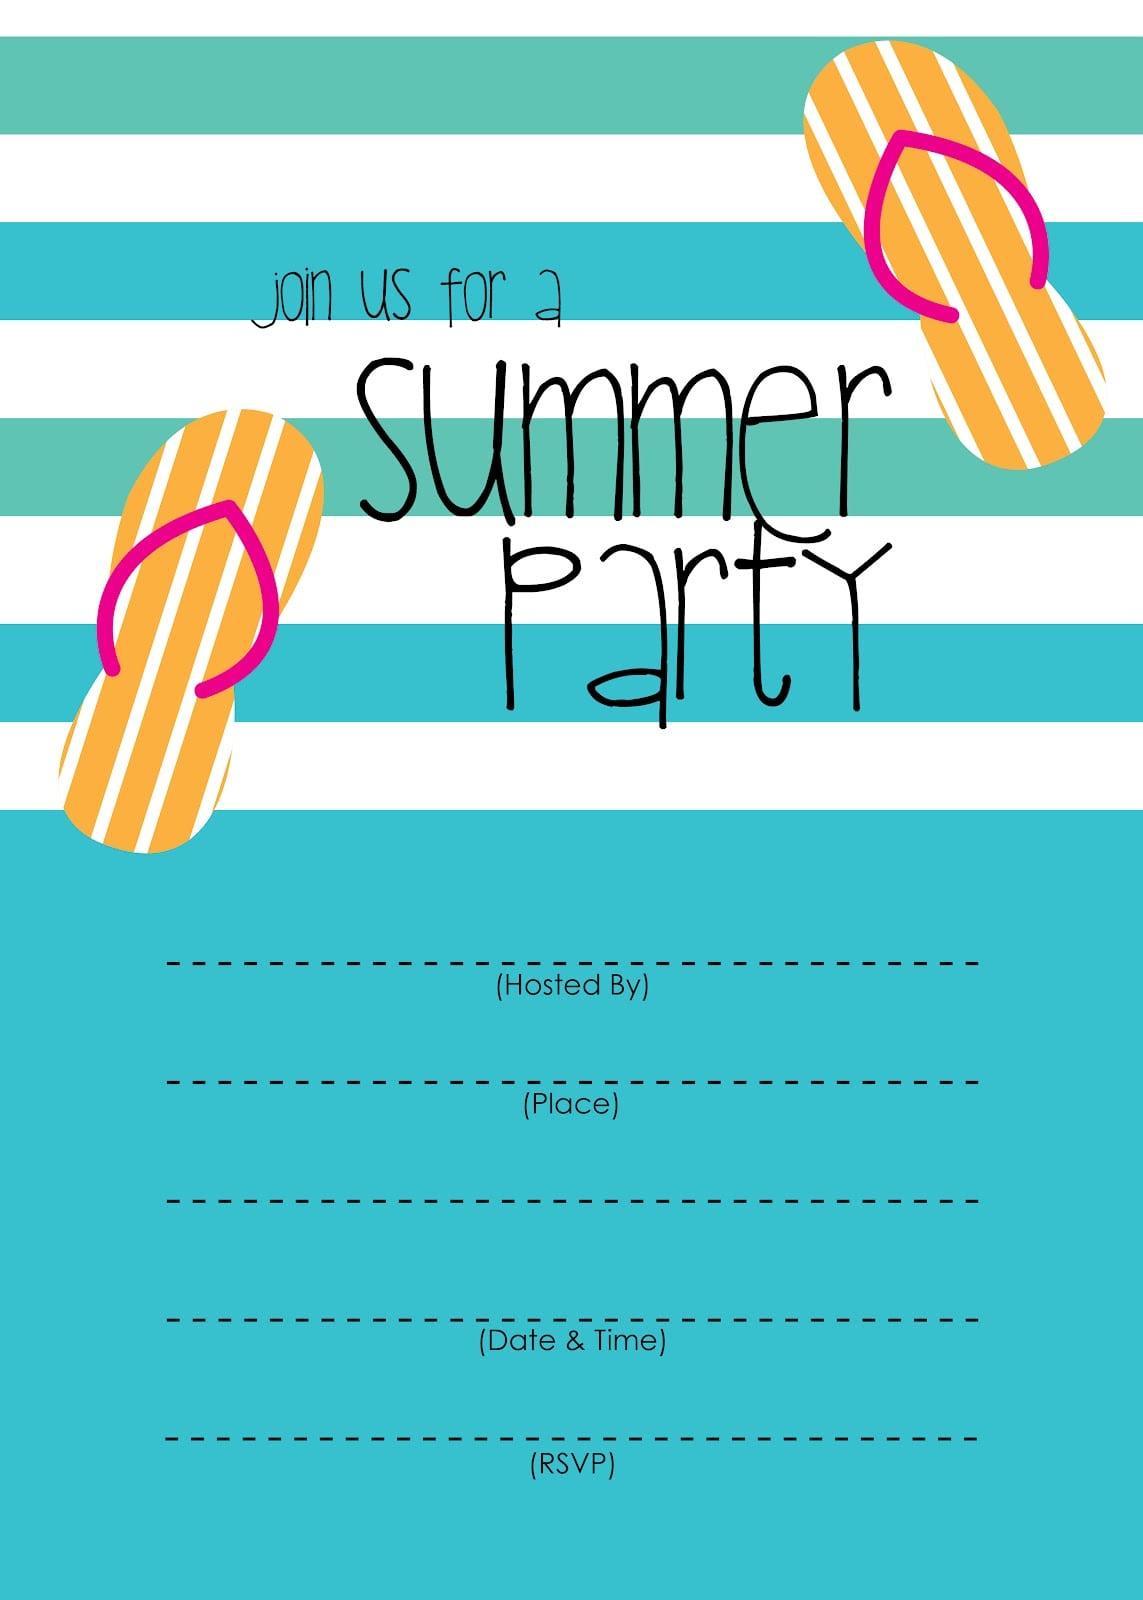 Summer Party Invitations Summer Party Invitations With Stylish